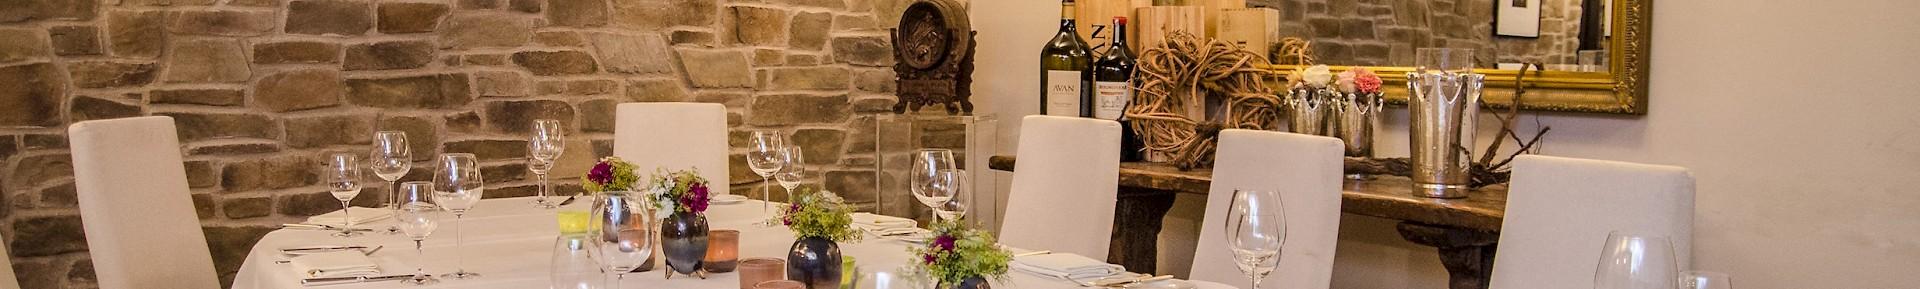 Uriger Weinkeller für Veranstaltungen mit bis zu 16 Personen